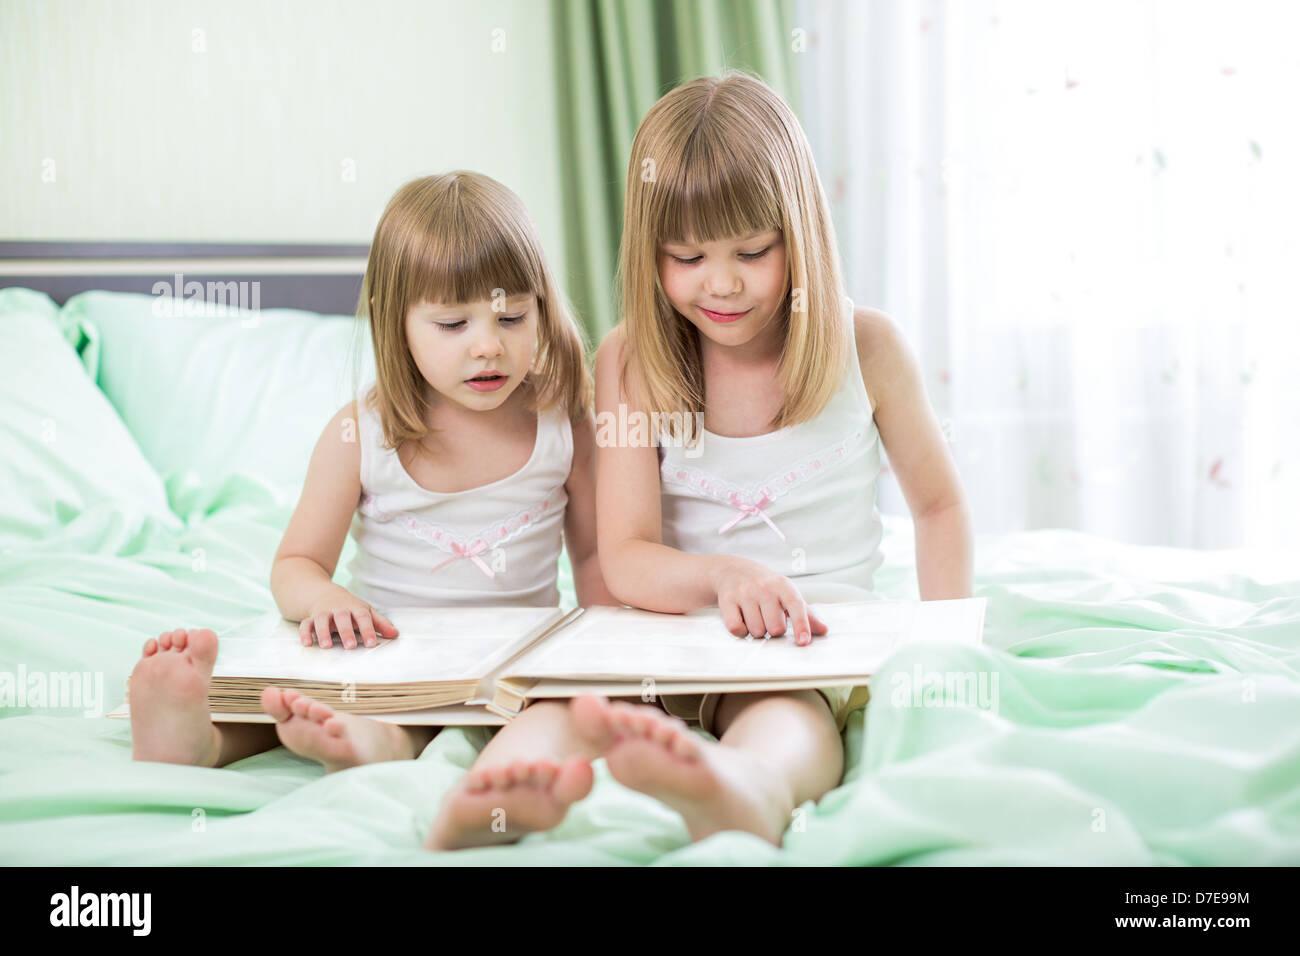 Сестра играла а он вставил ей, Сестра приклеилась к столу, а брат воспользовался этим 5 фотография